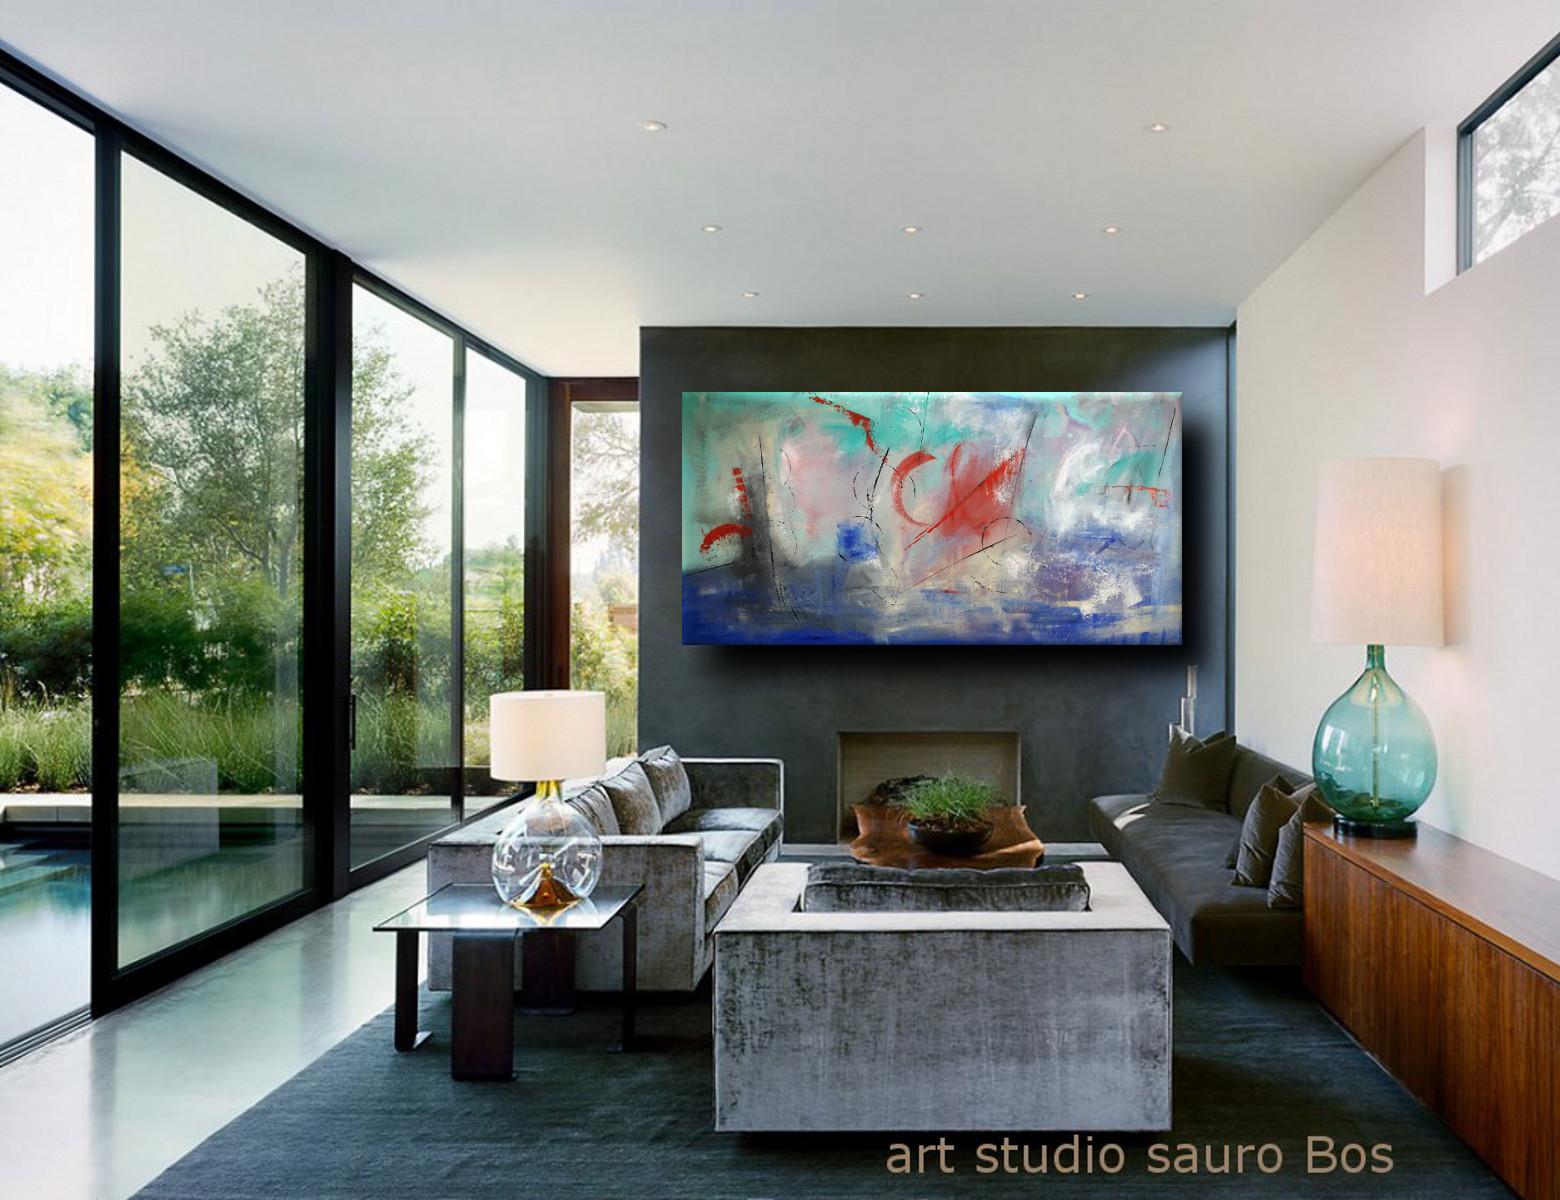 quadri astratti per arredamento moderno xxl -200x100